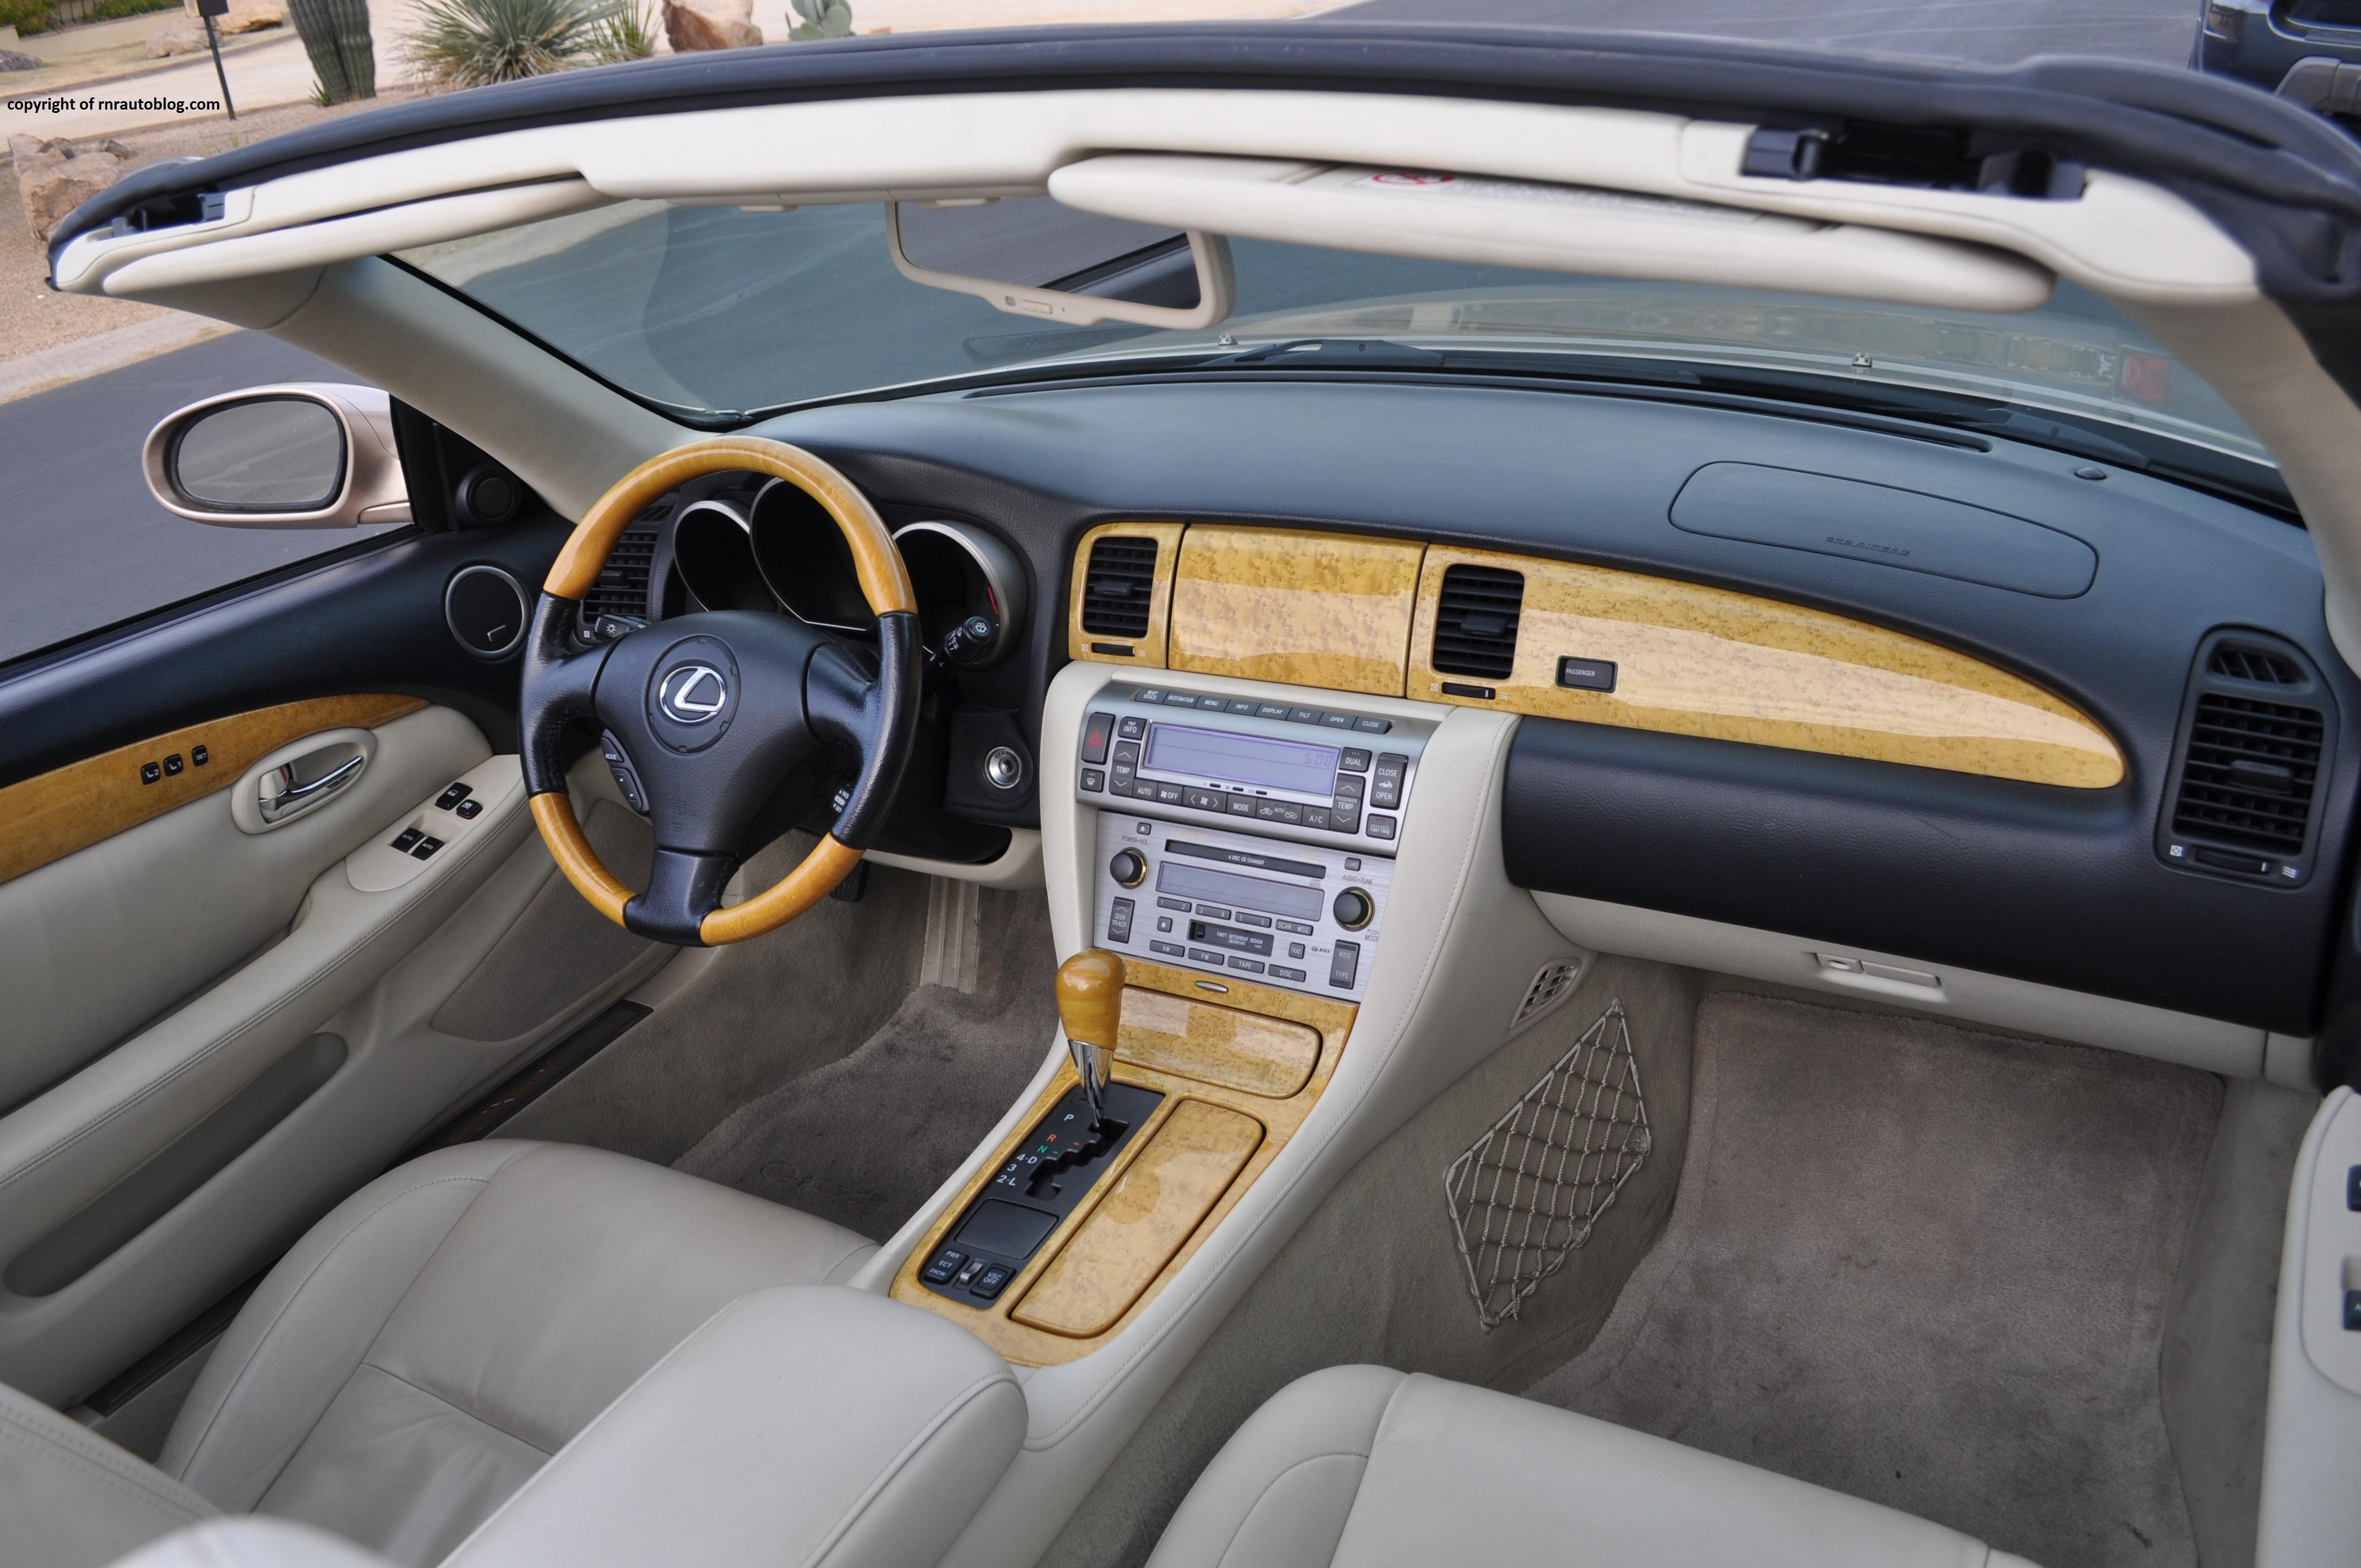 http://rnrautoblog.files.wordpress.com/2014/03/sc-interior.jpg